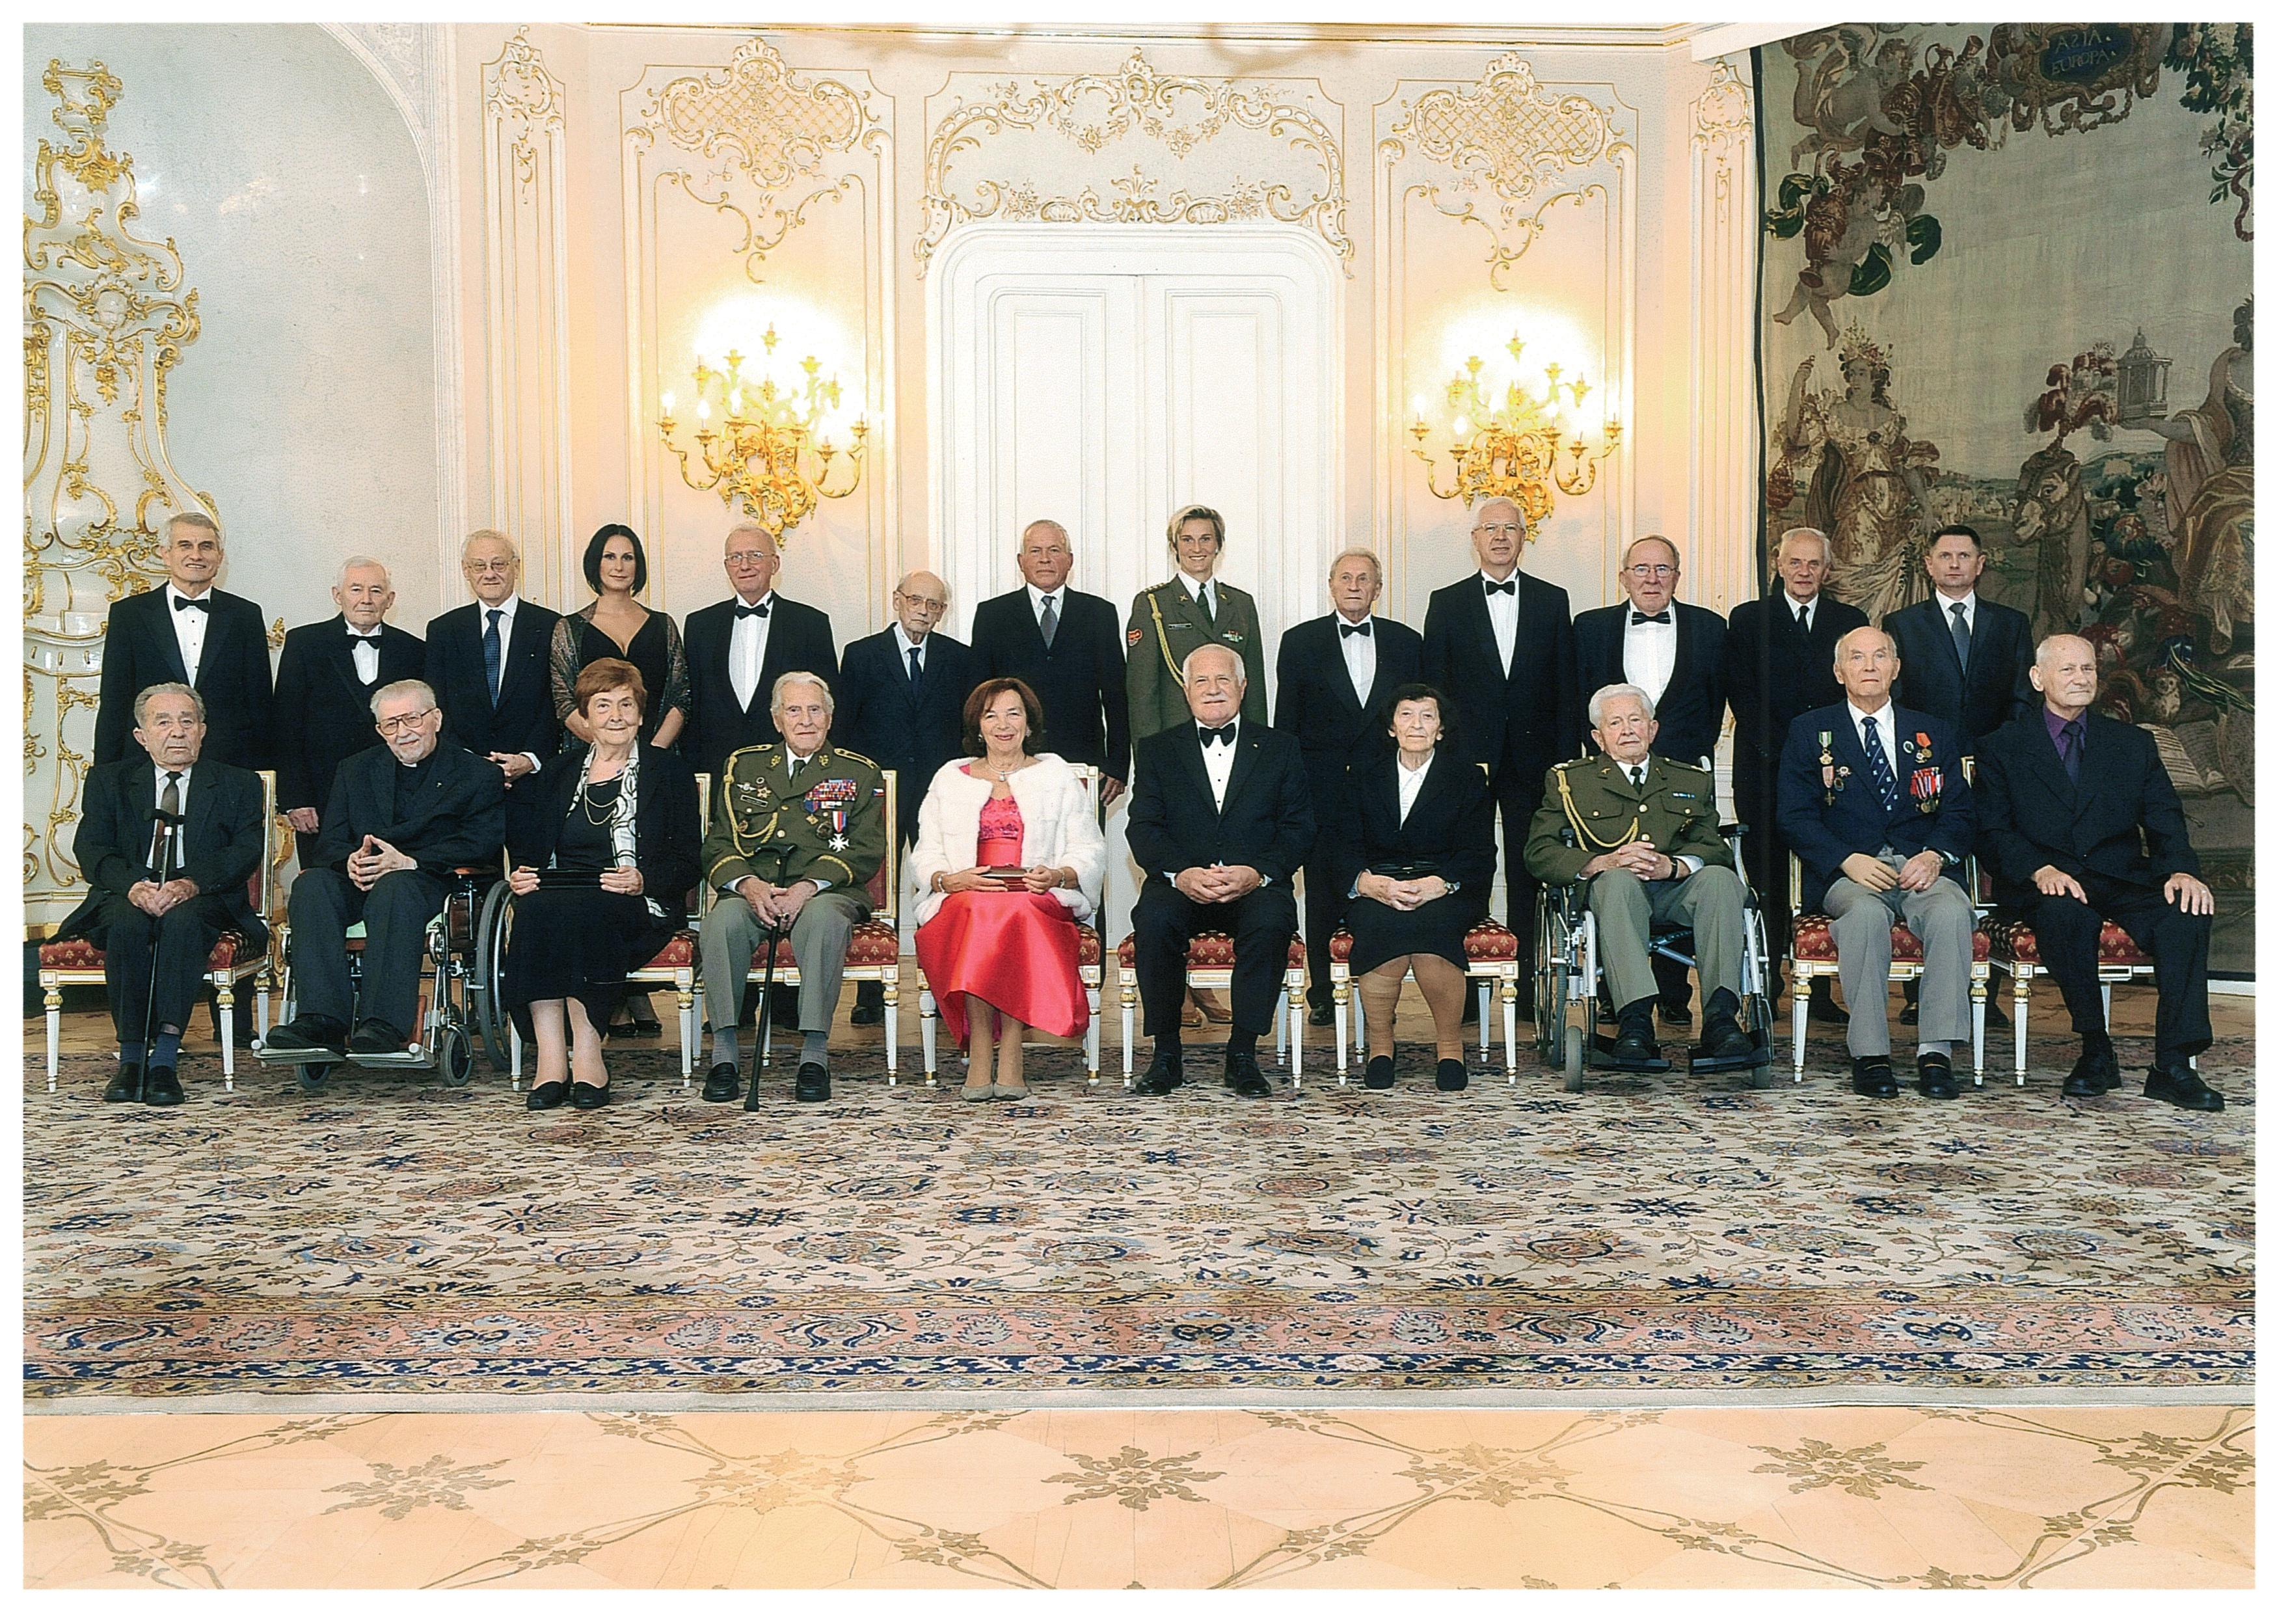 28.10.2012 laureáti státních cen s manžely Klausovými